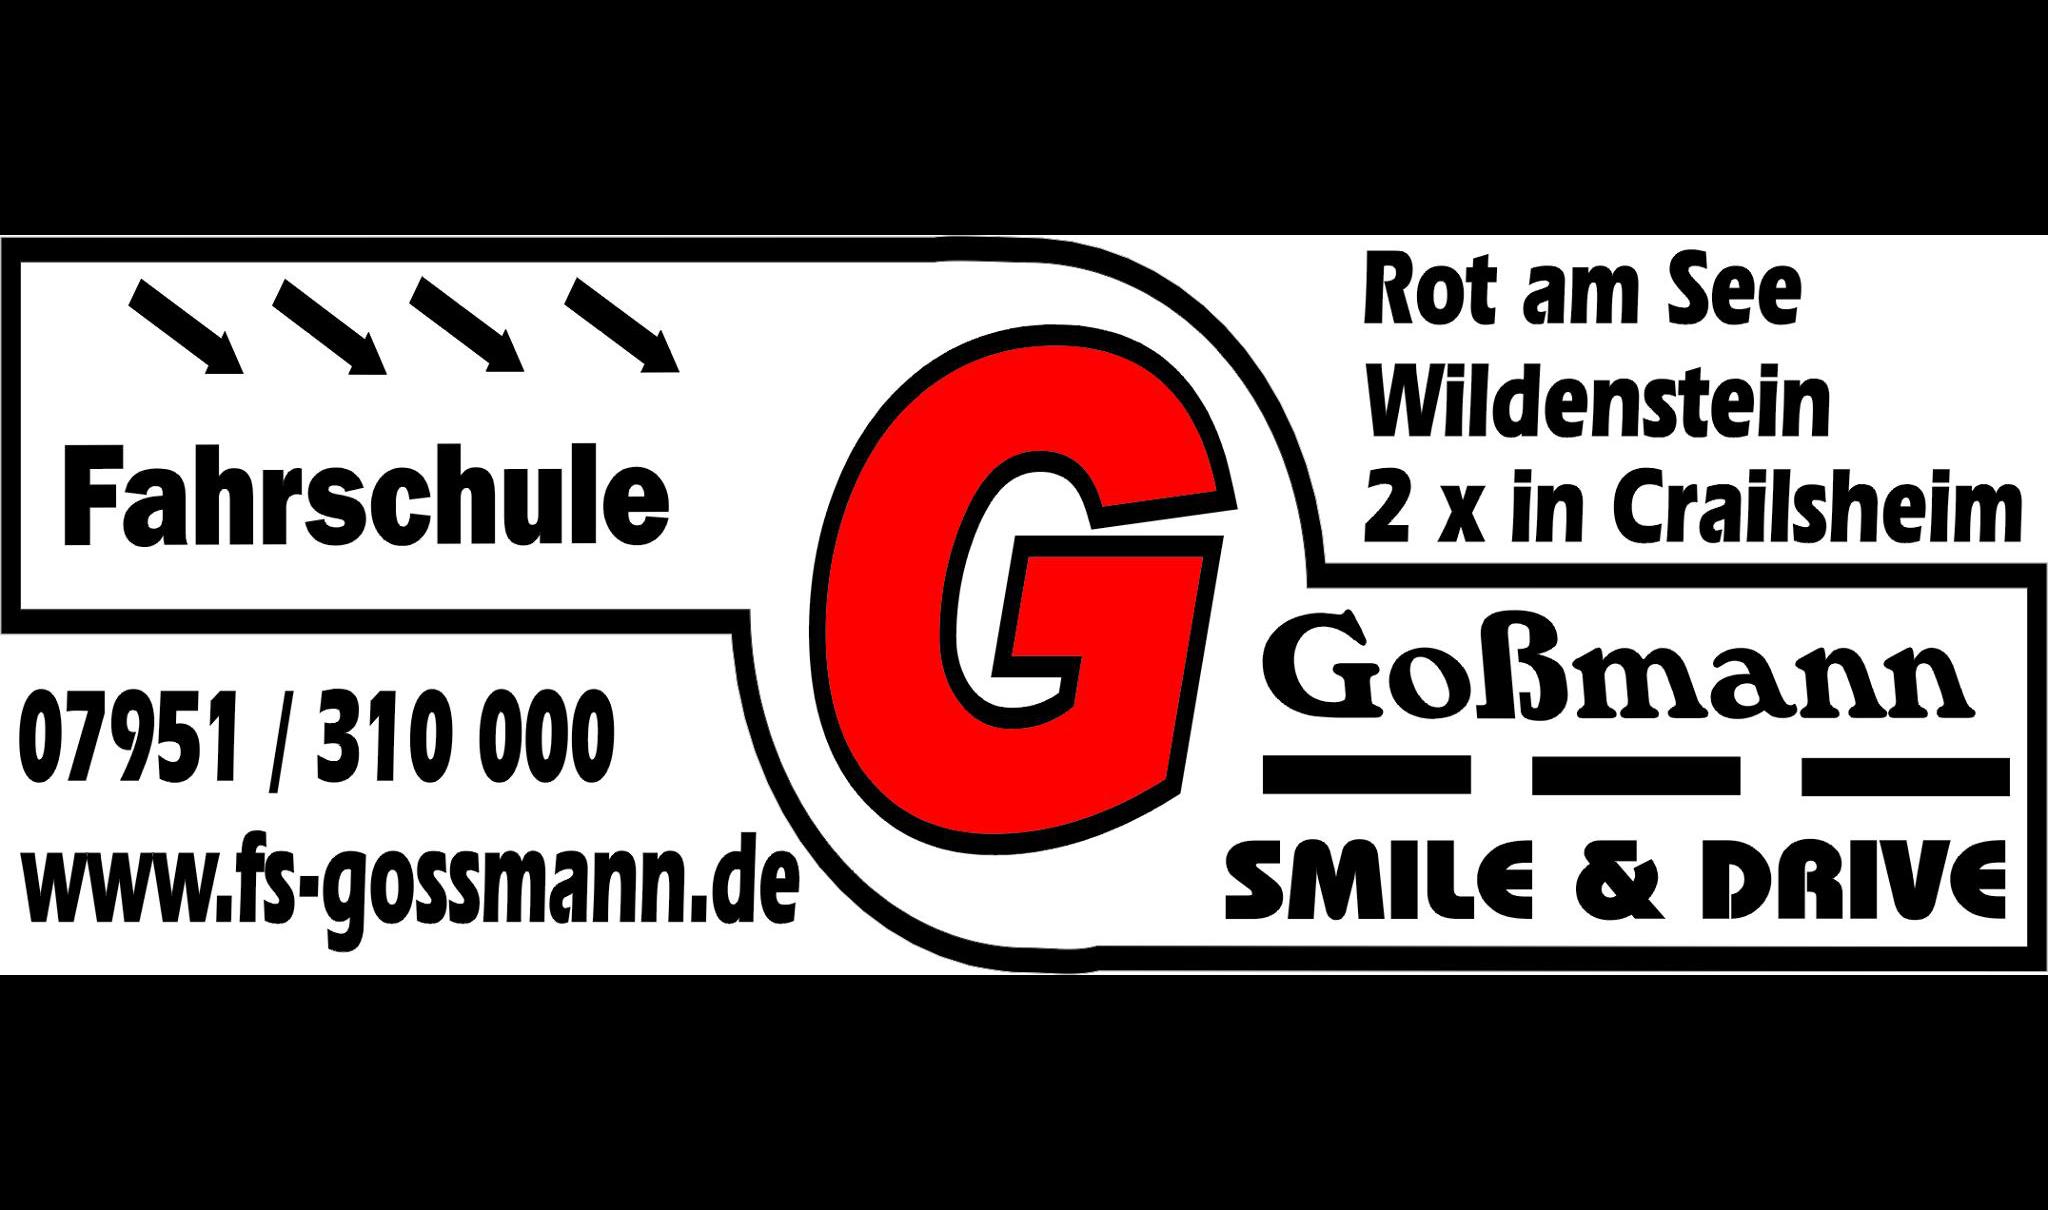 Fahrschule Goßmann -  Smile & Drive